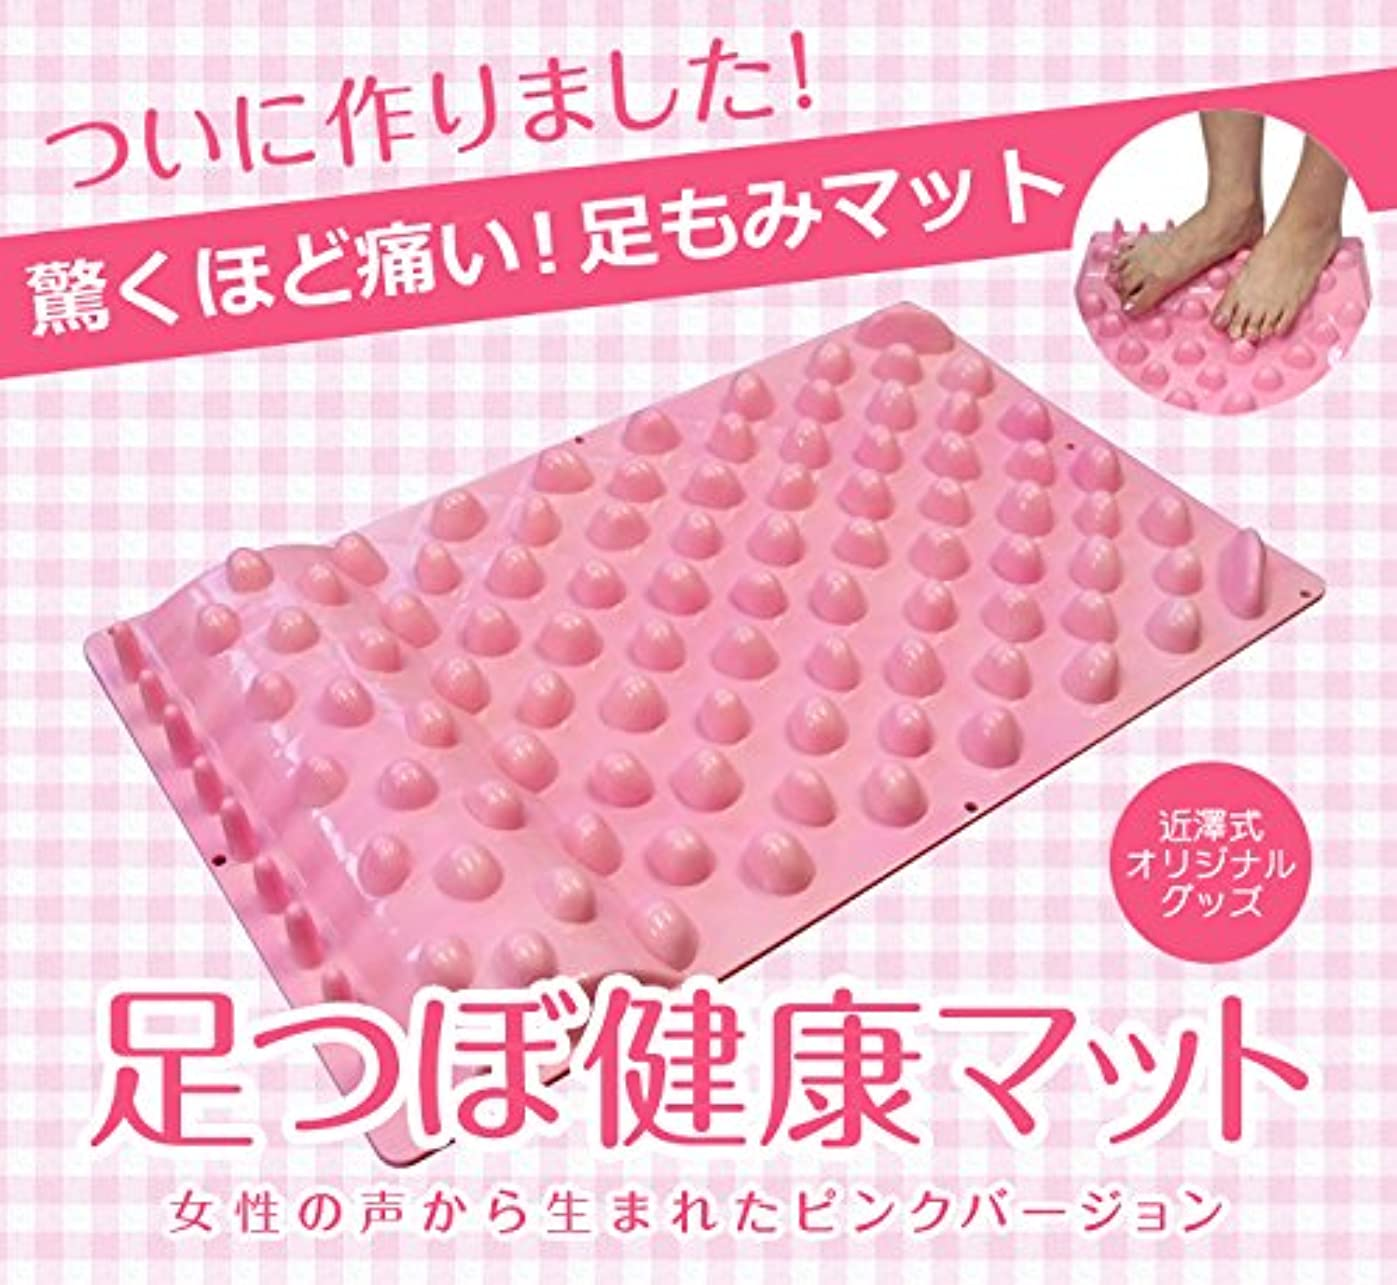 大騒ぎハプニングカラス【近澤式】足つぼマット ピンク